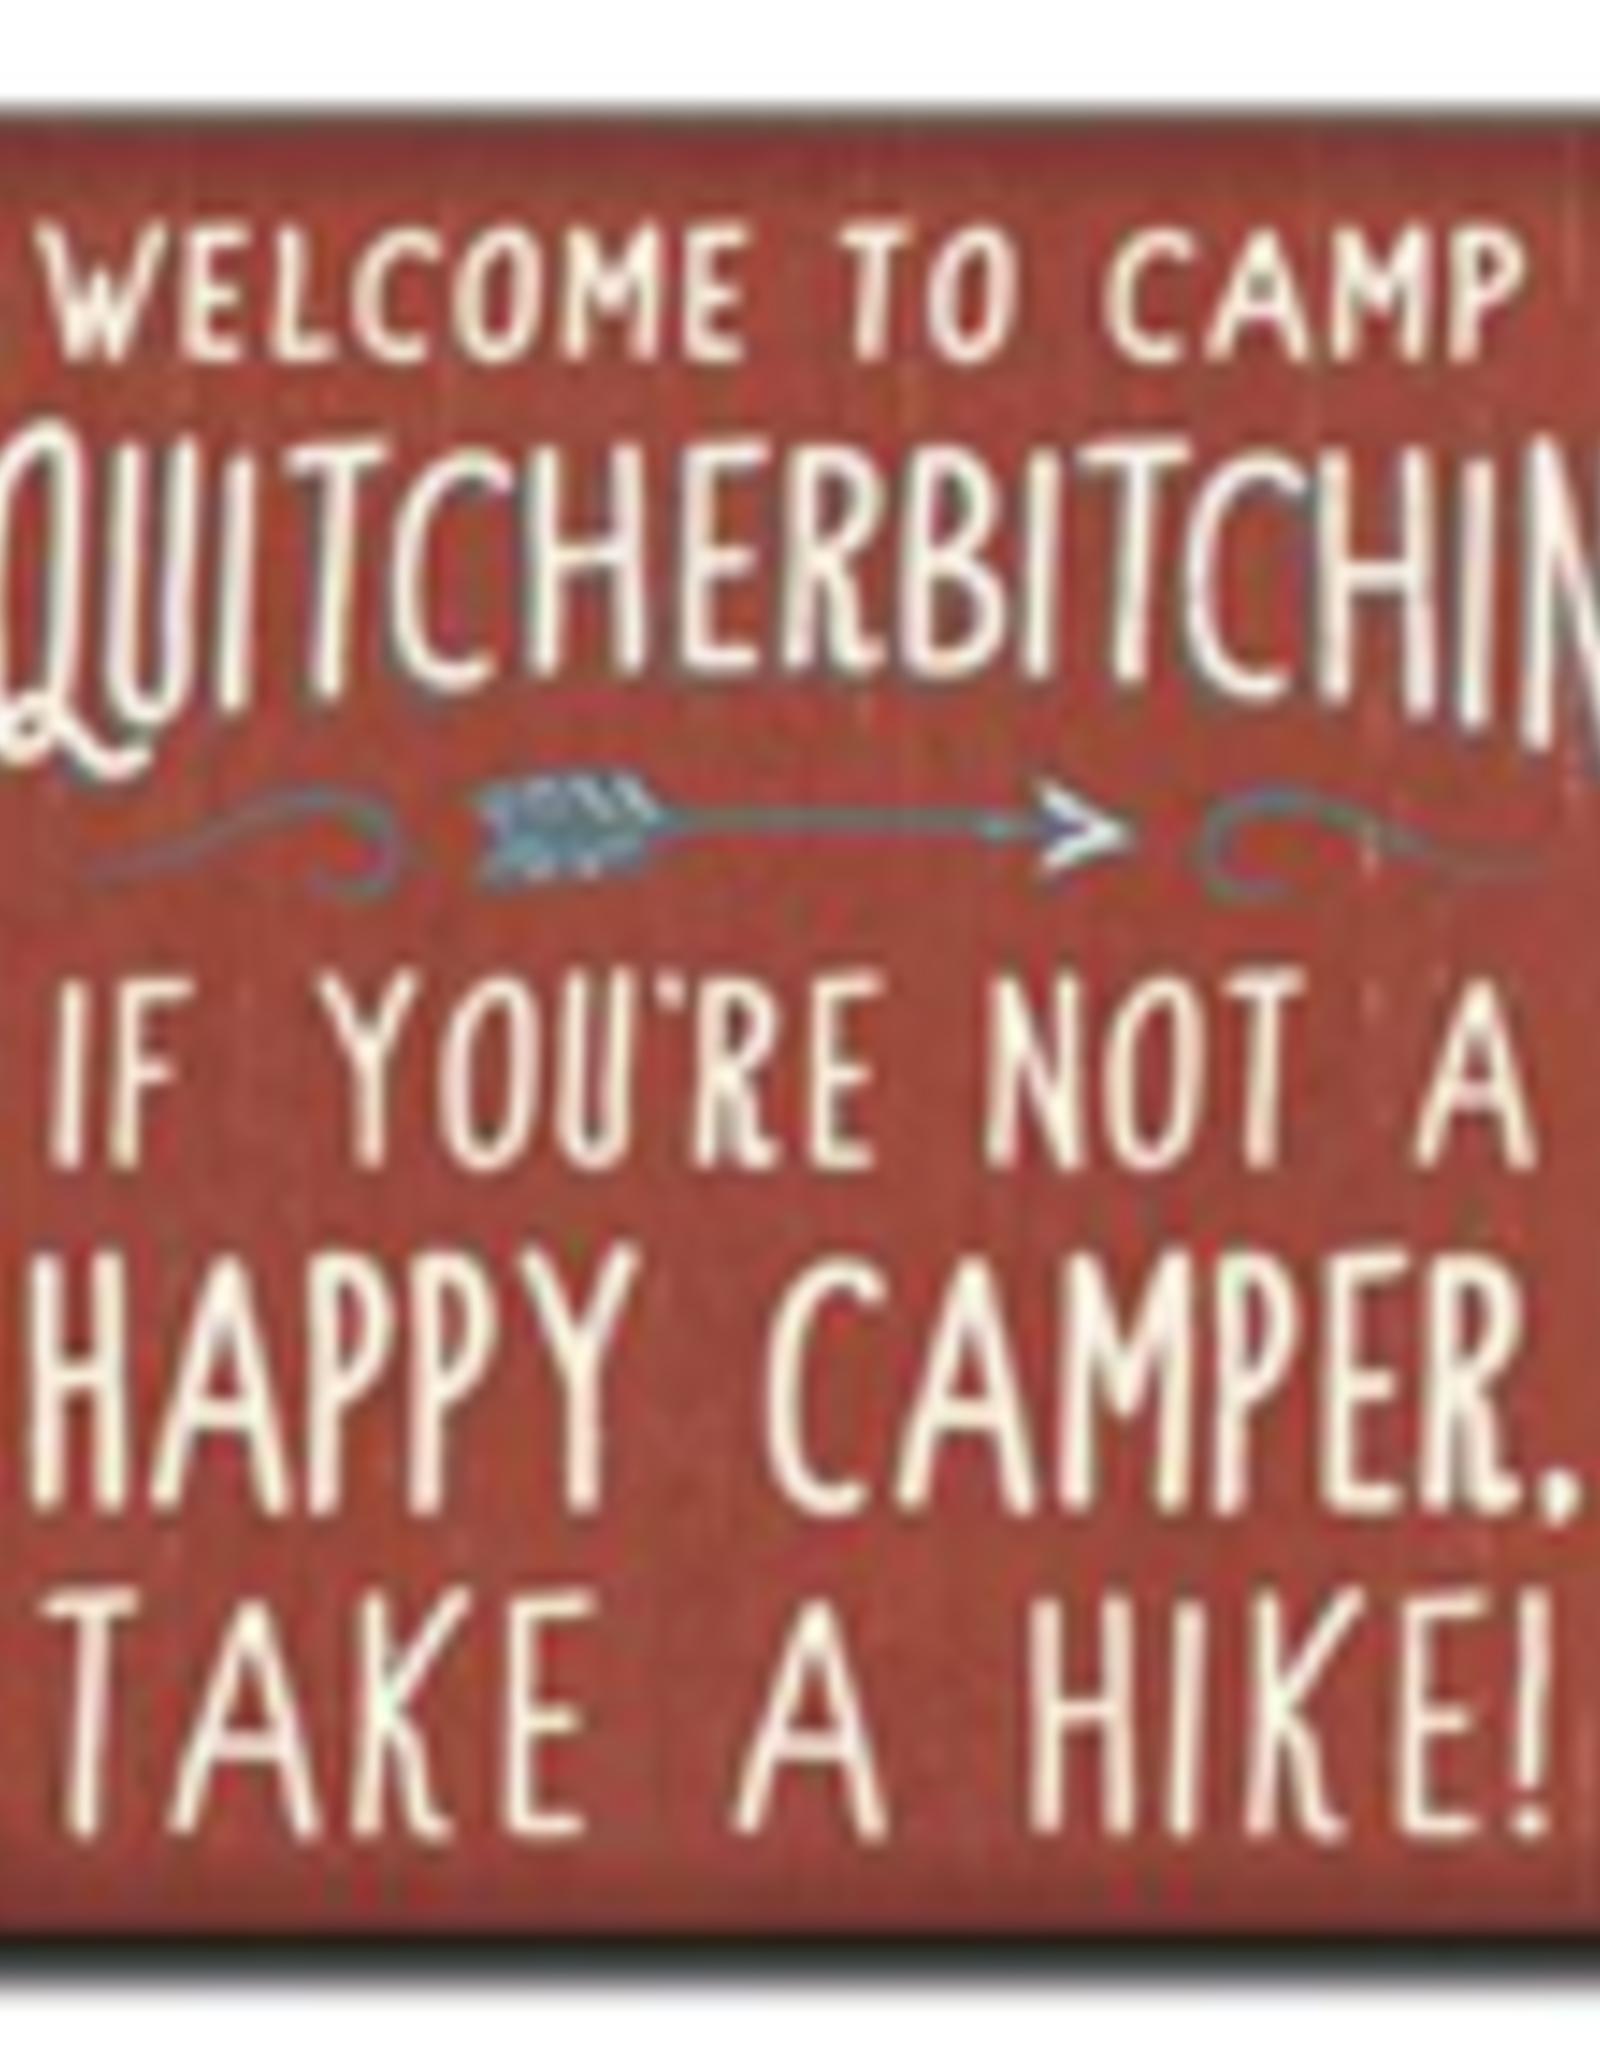 Welcome to Camp Quitcherbitchin 6x6